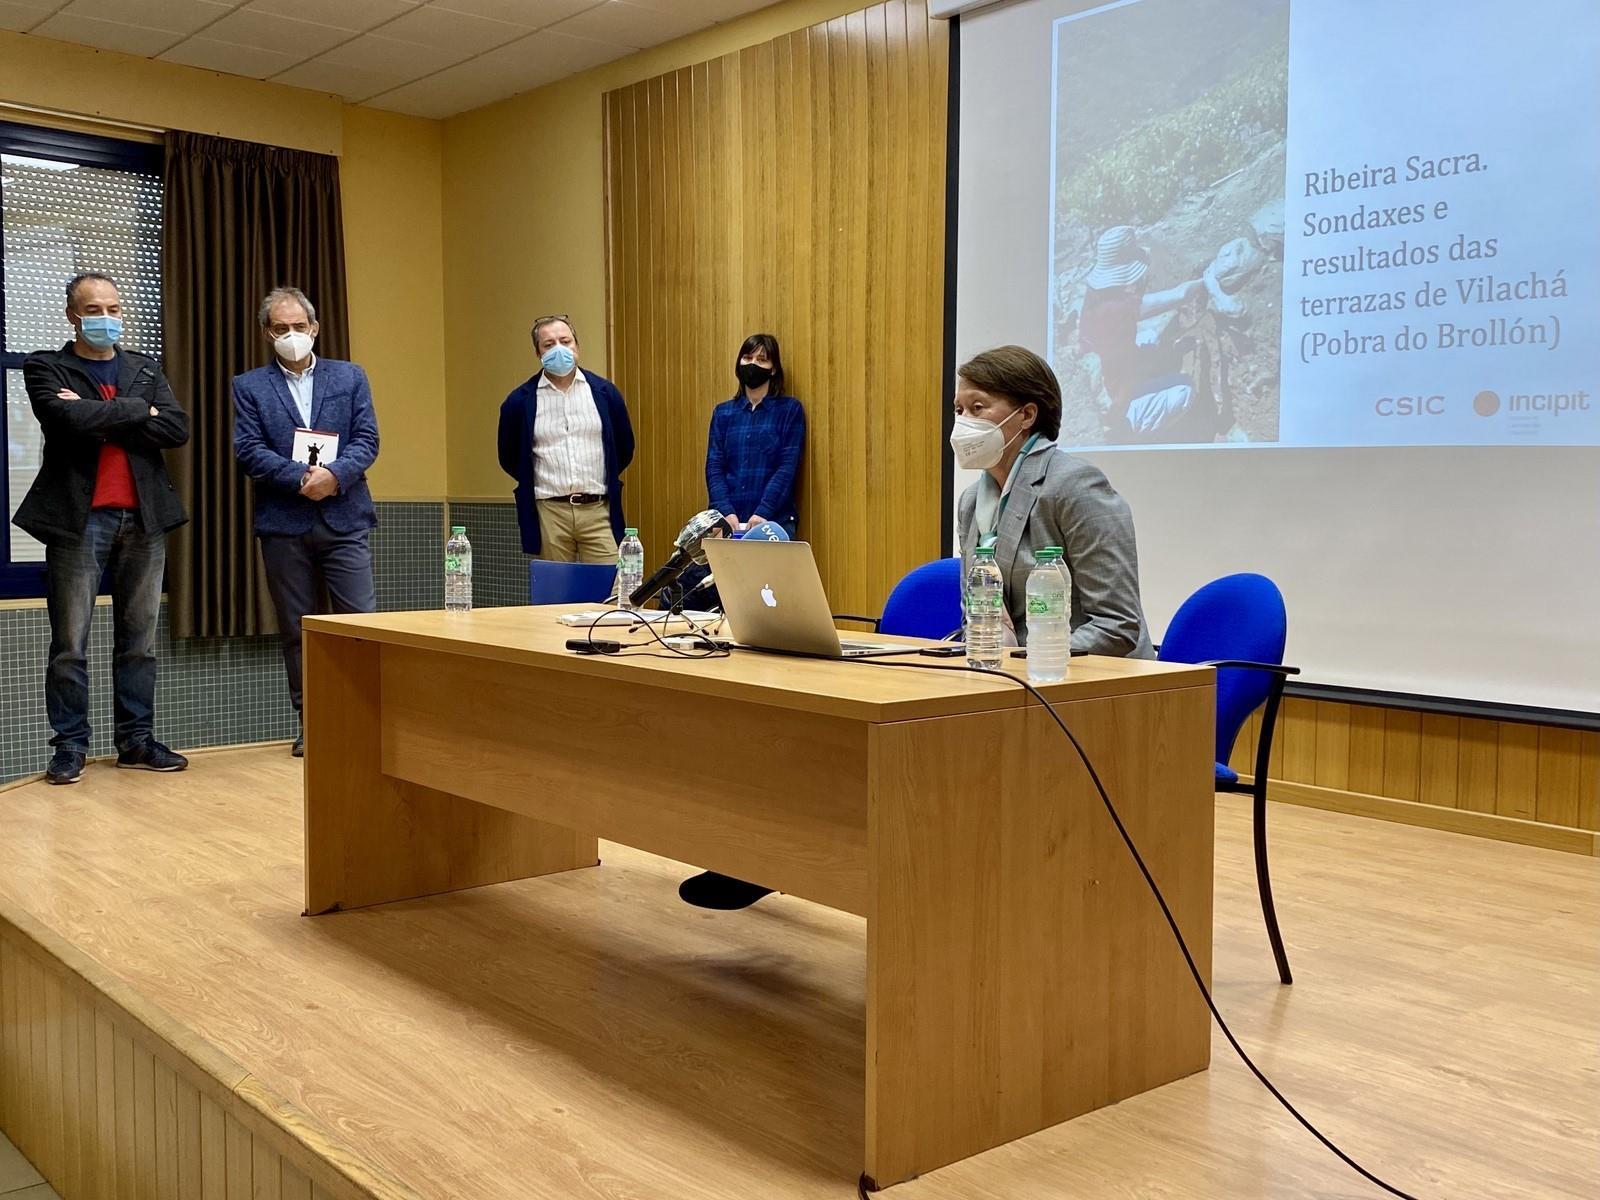 Image of: Un estudo da Xunta e o CSIC sitúa a orixe das terrazas da Ribeira Sacra no século X e reforza a súa singularidade mundial